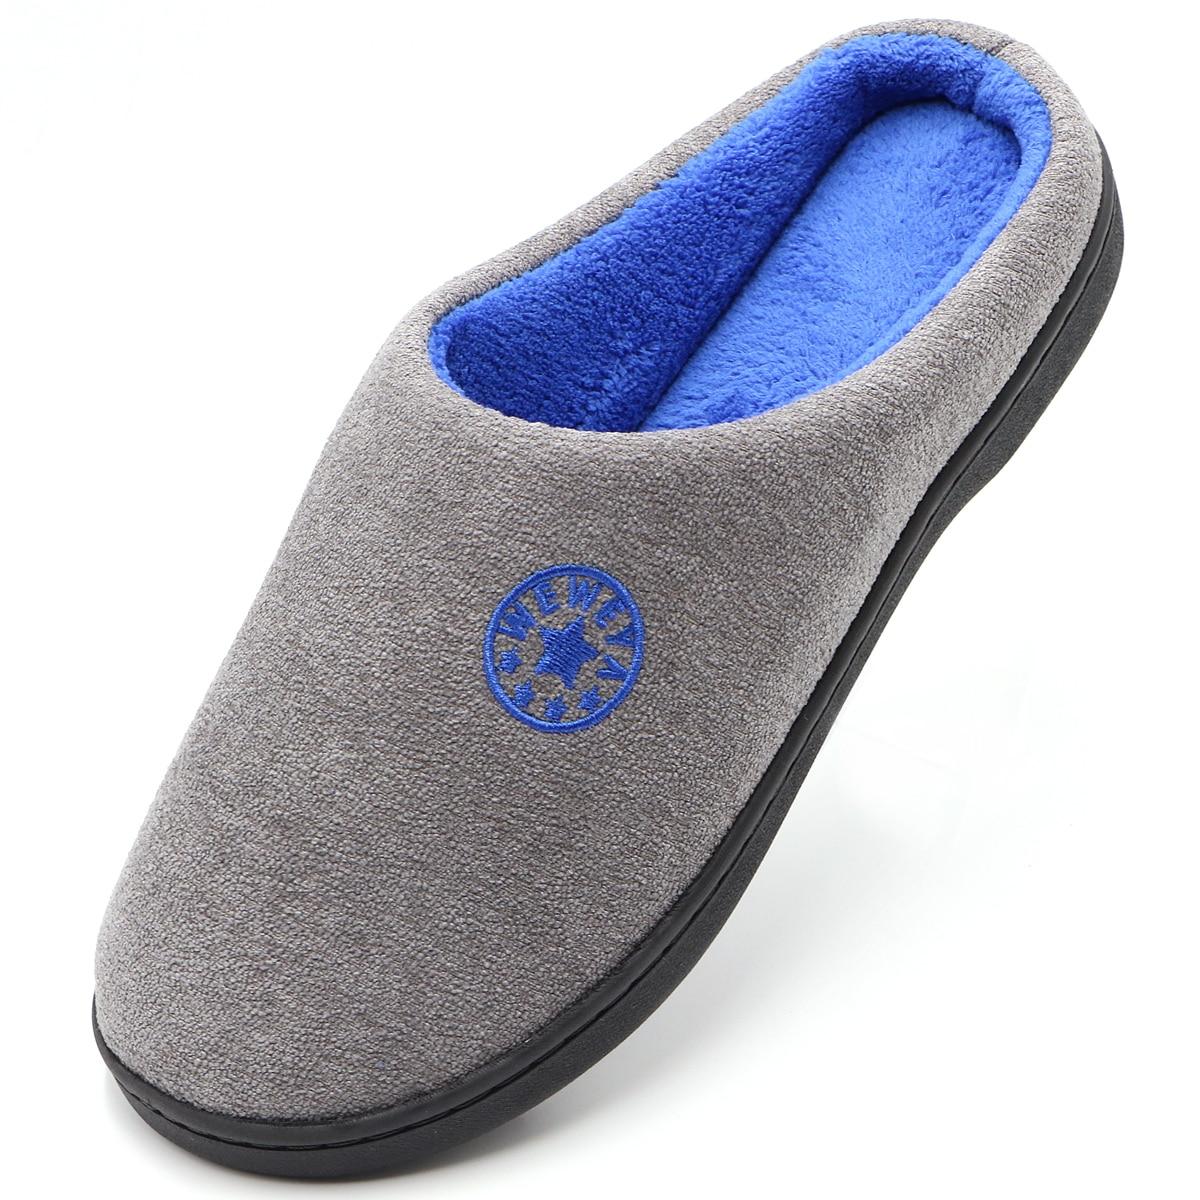 Slippers Men Shoes Warm Home Indoor Cotton Slippers Soft Men Non Slip Floor Shoes Couple Slides For Bedroom Pantoufles De Coton